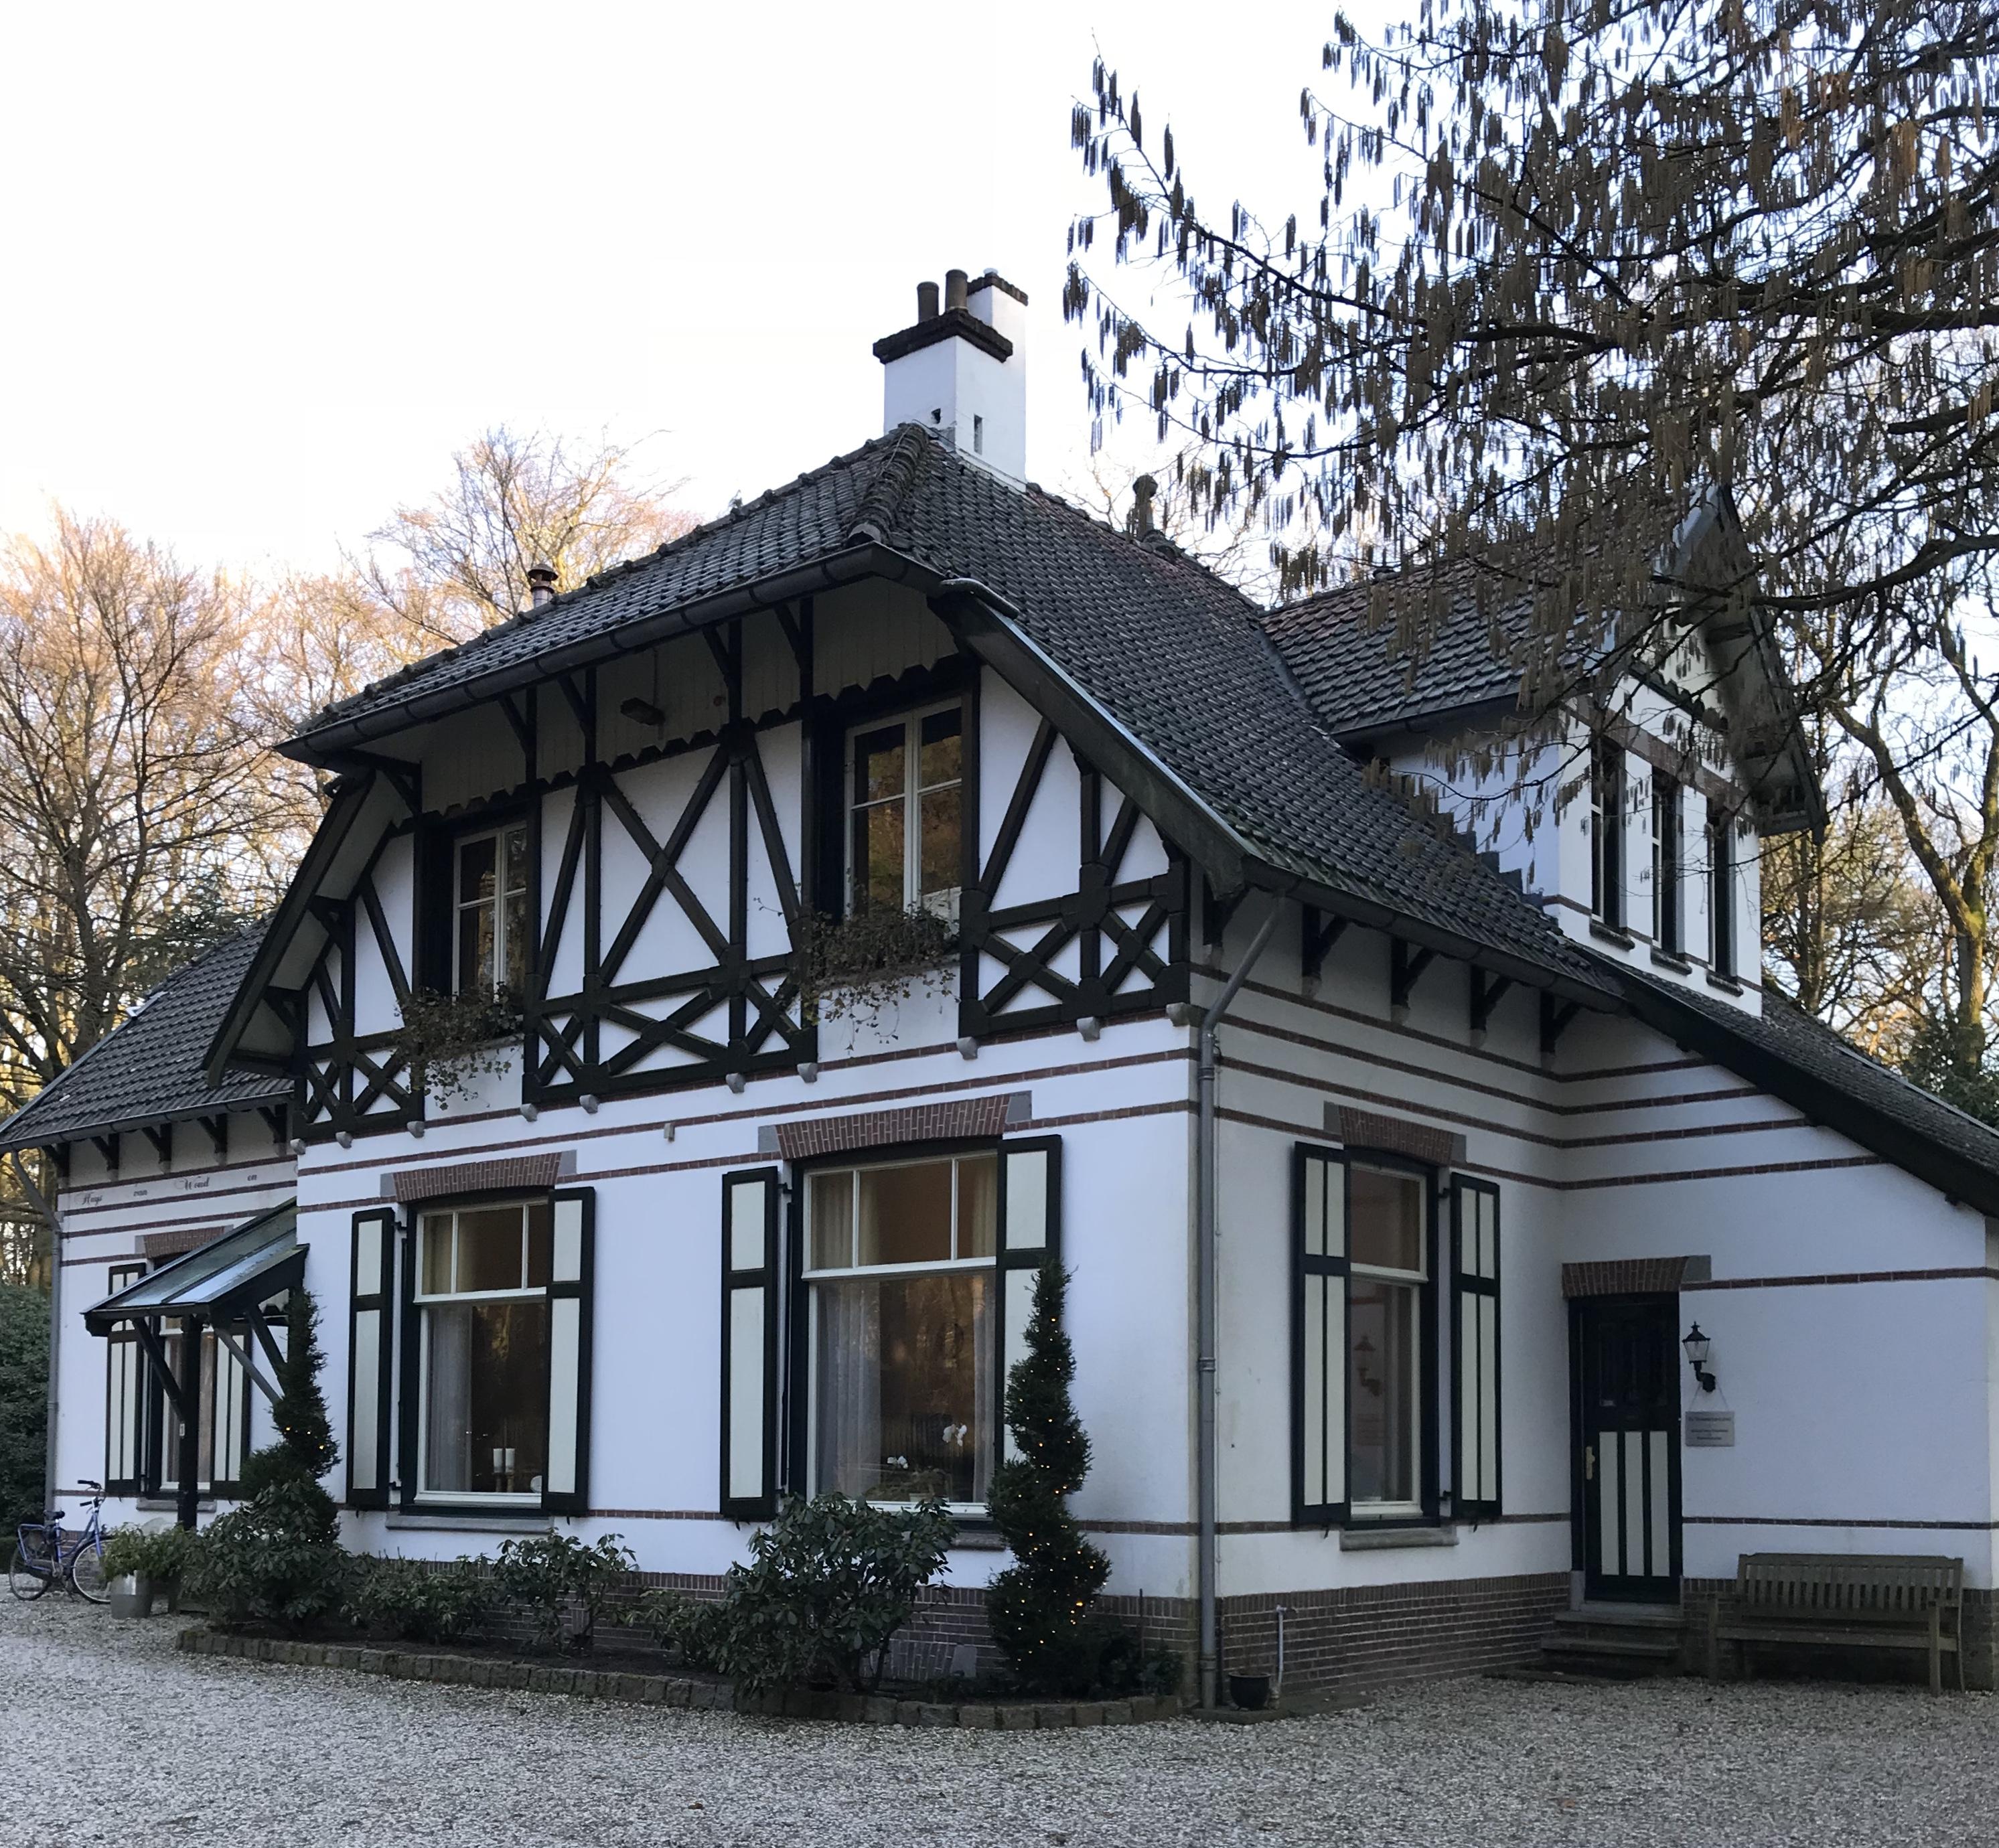 NIEUWS! 1 dag per week in Apeldoorn